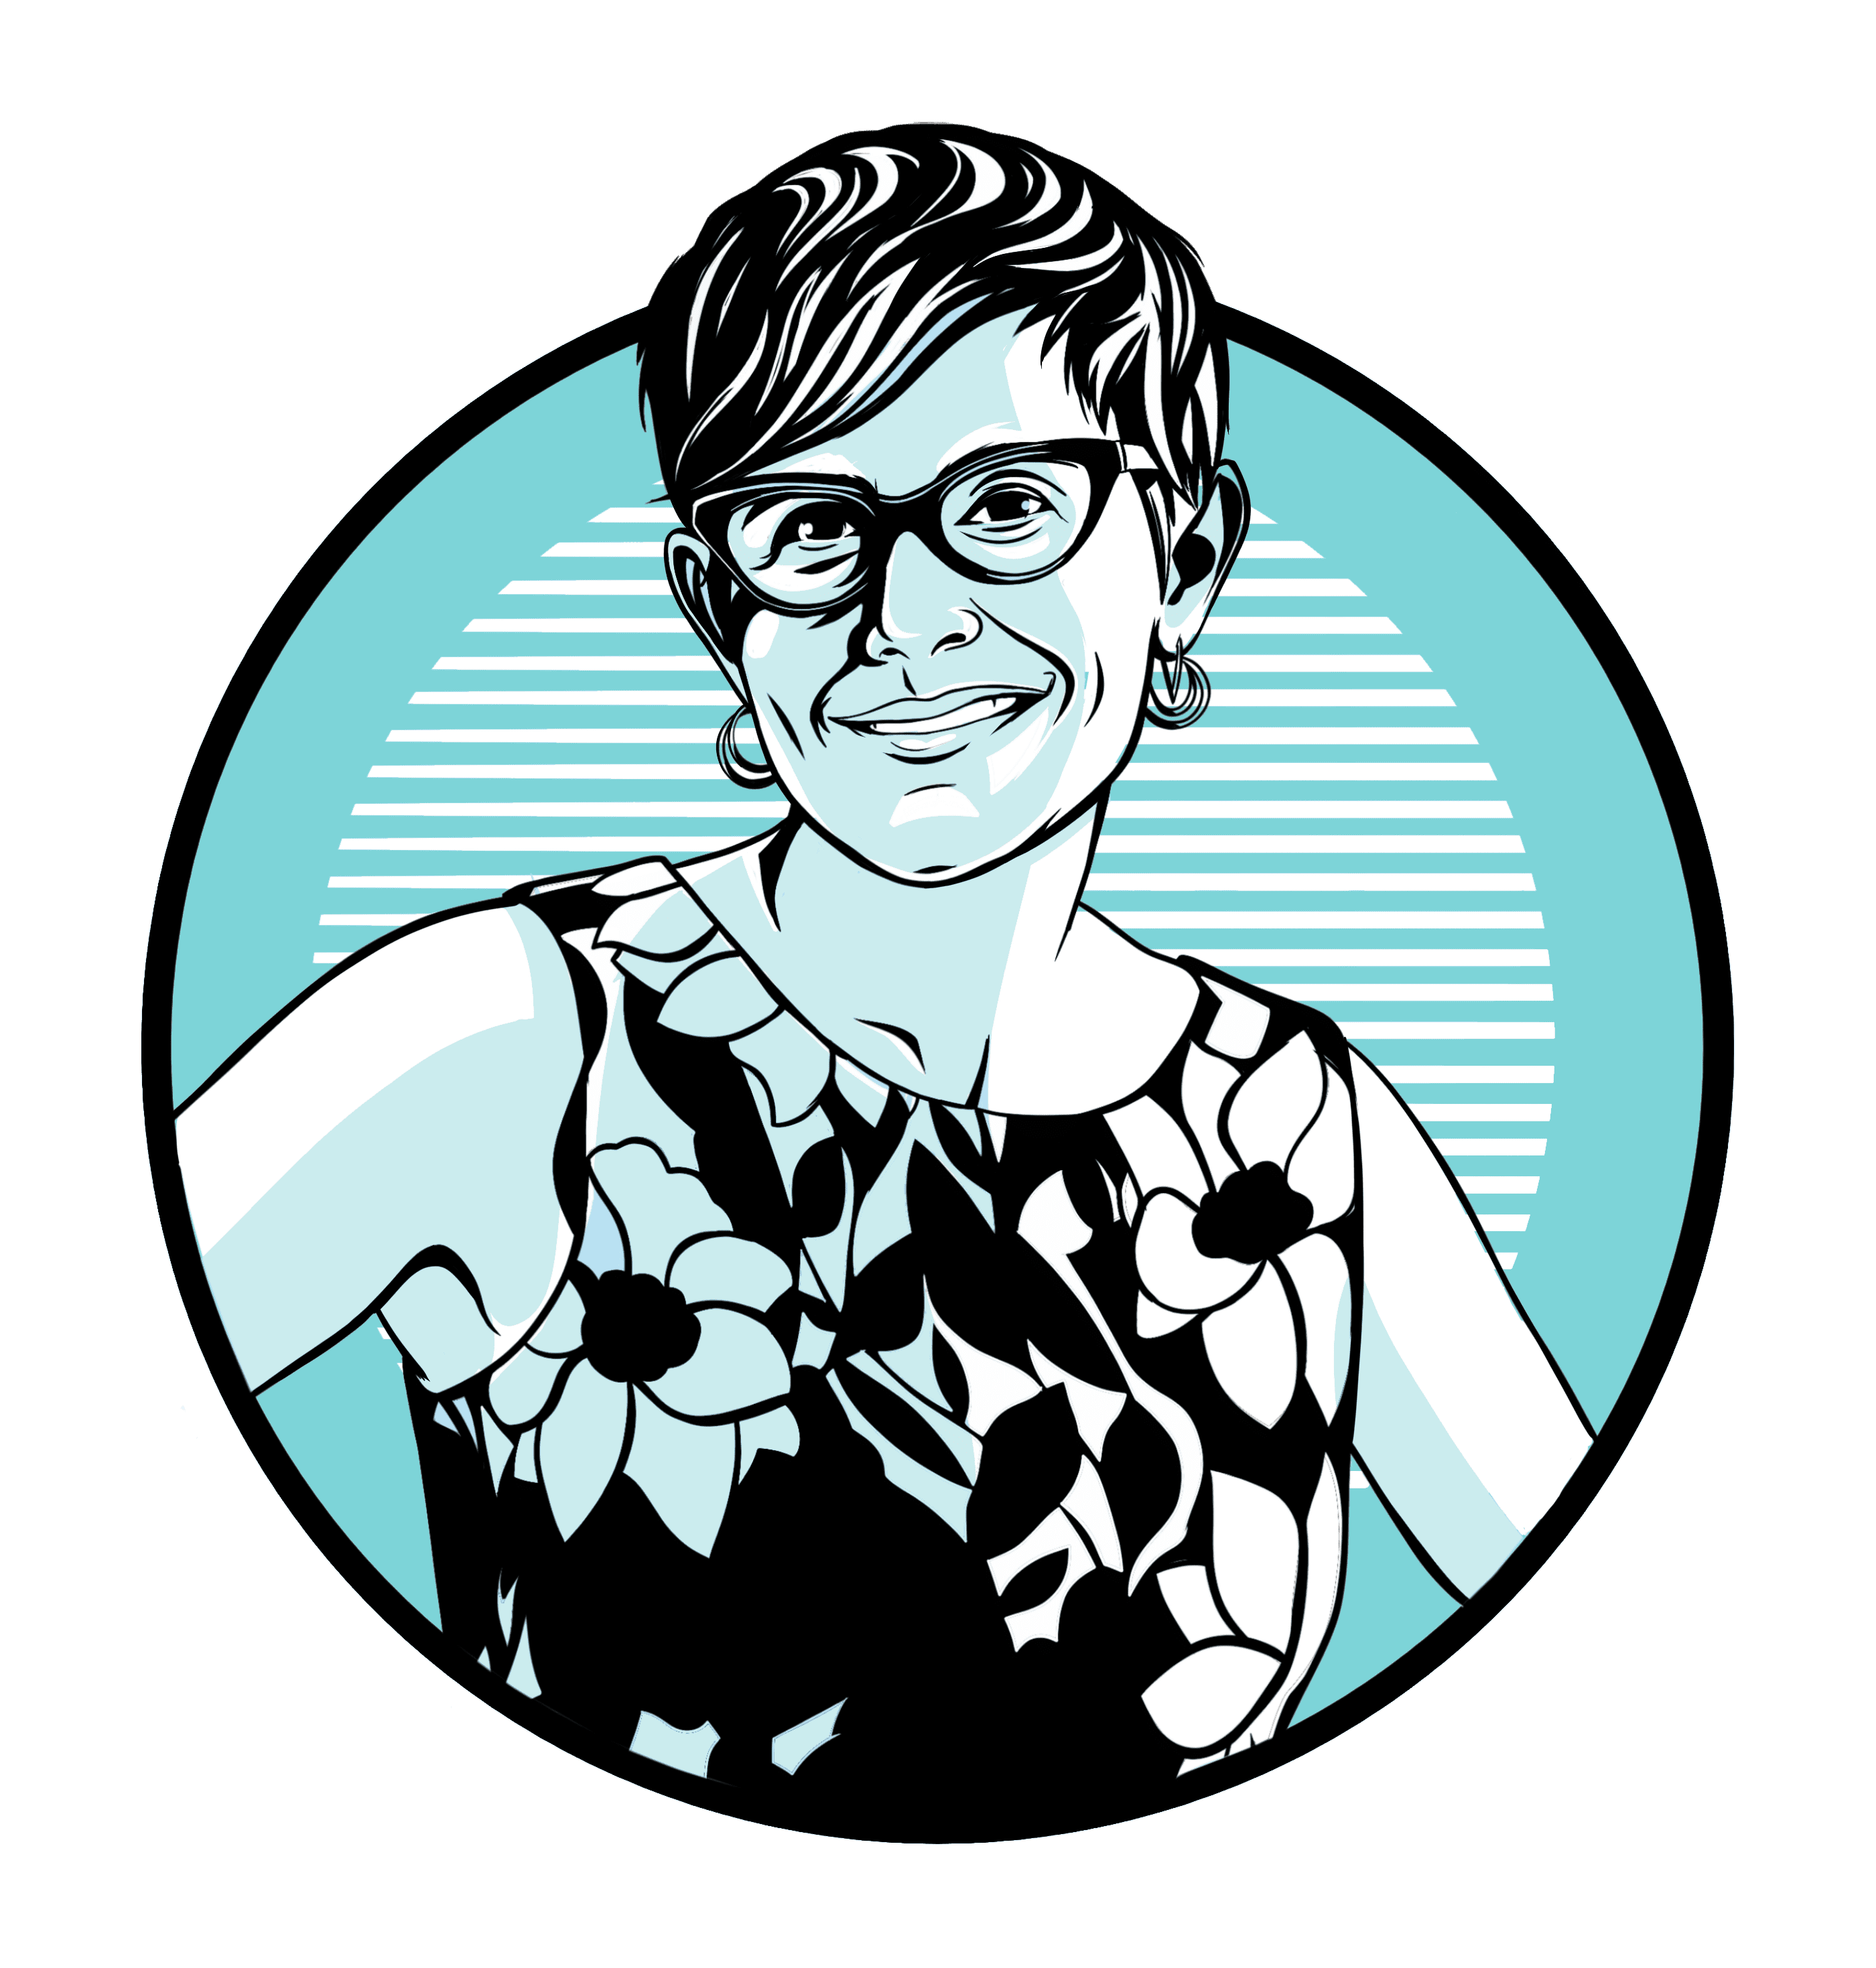 Caricature of Valerie Sedivy